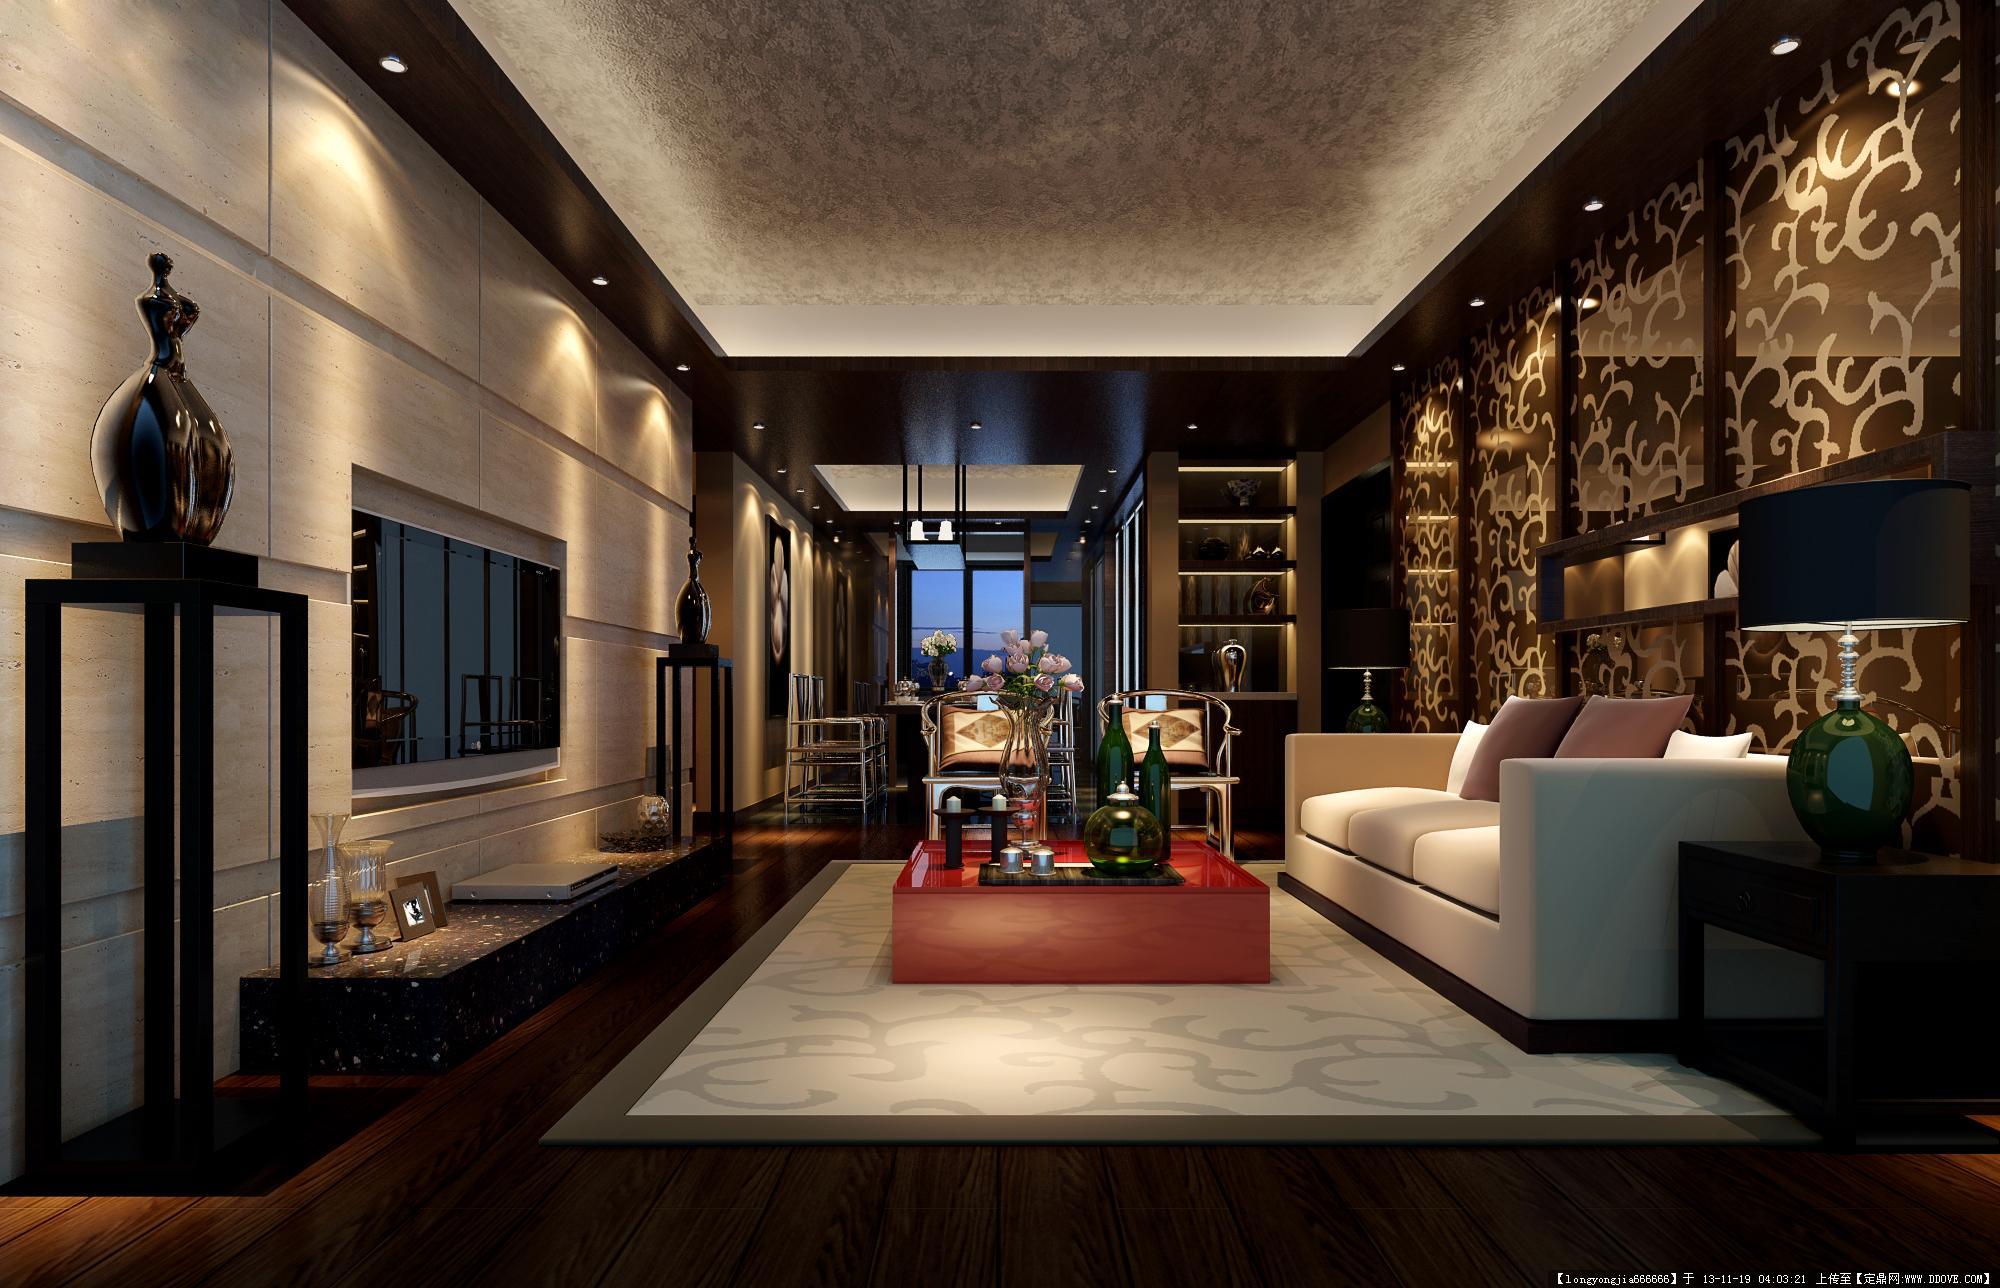 简约室内设计(之一)的图片浏览